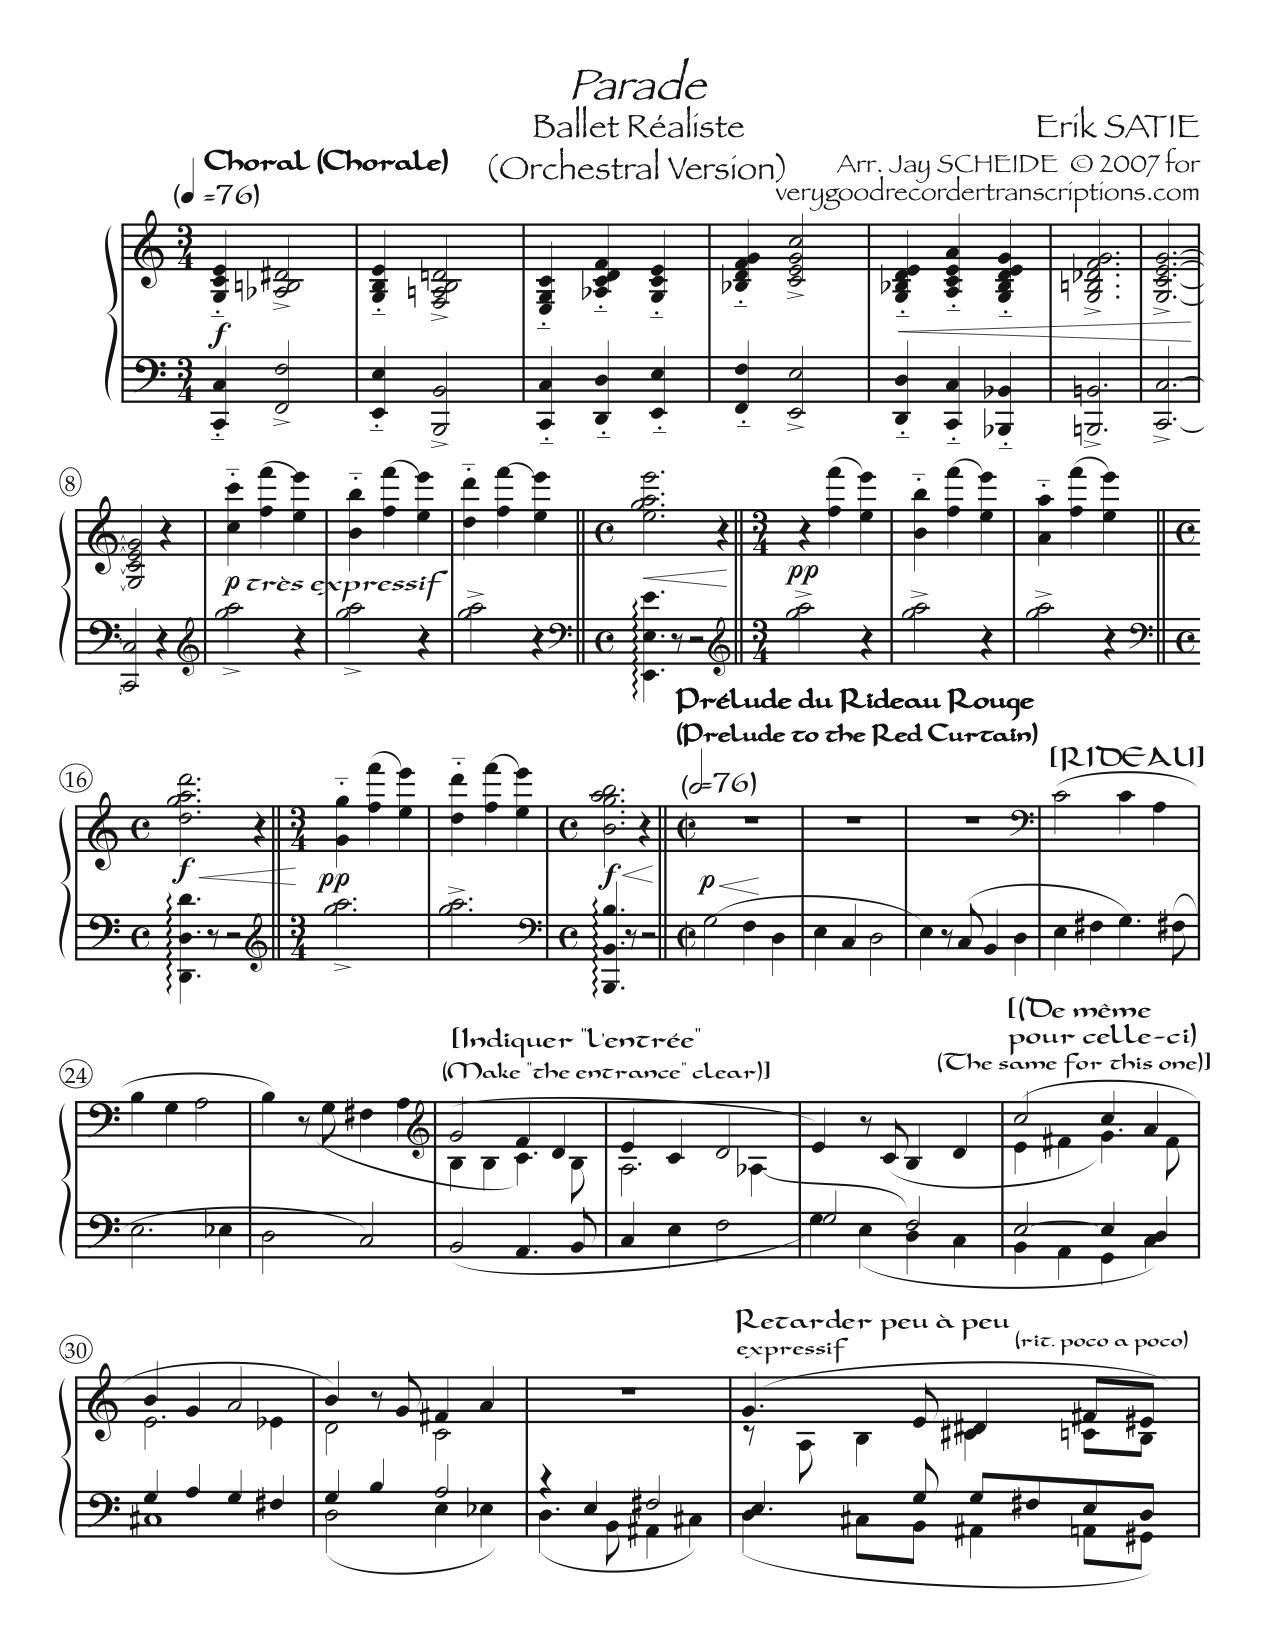 *Parade*, Ballet réaliste (Orchestral version)